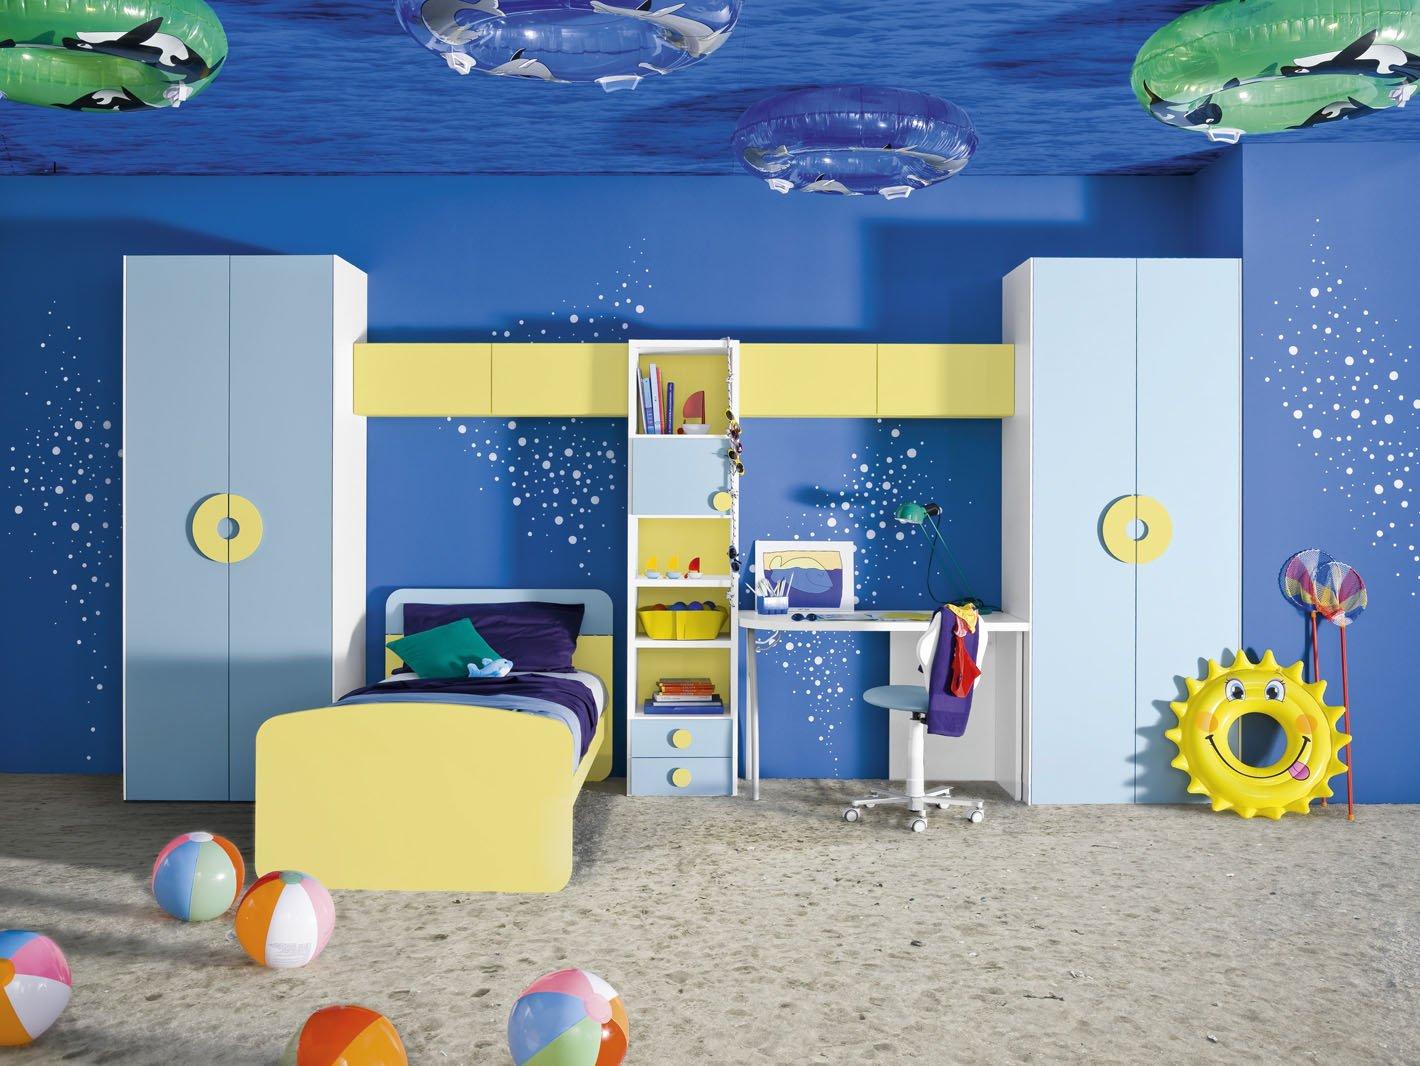 Habitaciones infantiles ni o imagui - Cuartos infantiles nino ...